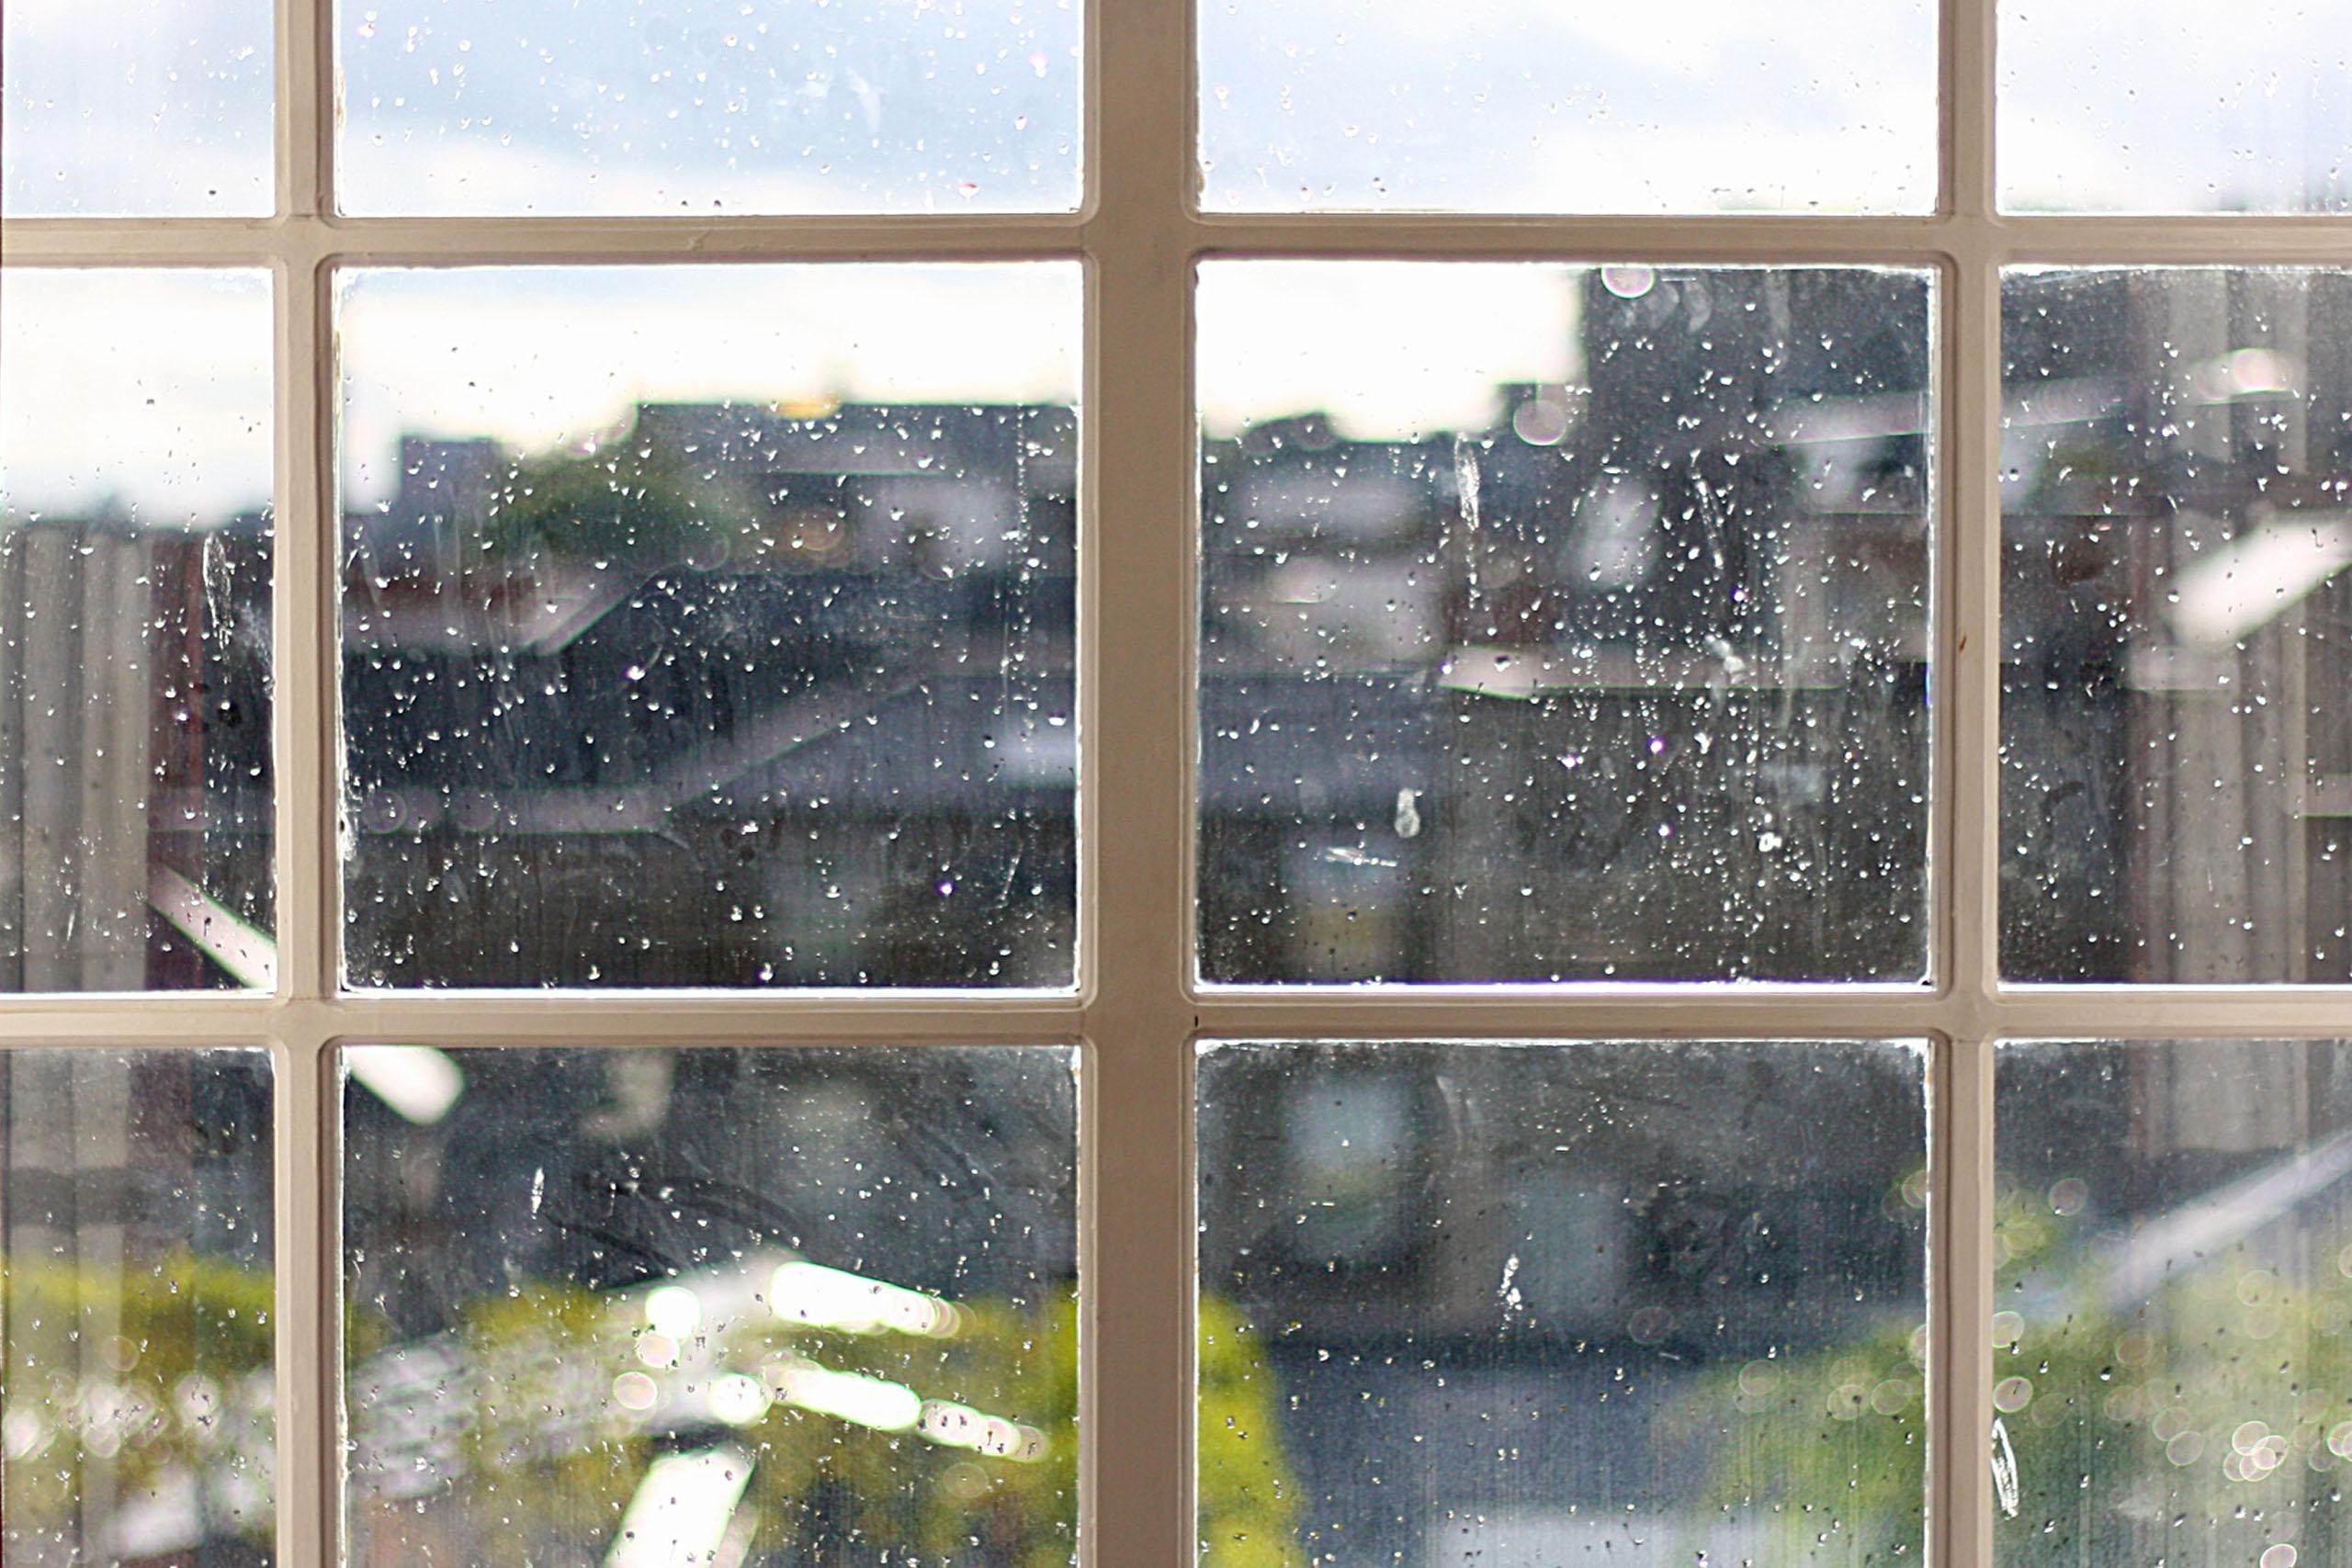 La vida detrás de las ventanas, otros microrrelato de Hebe Prado en Cafecuento ediciones